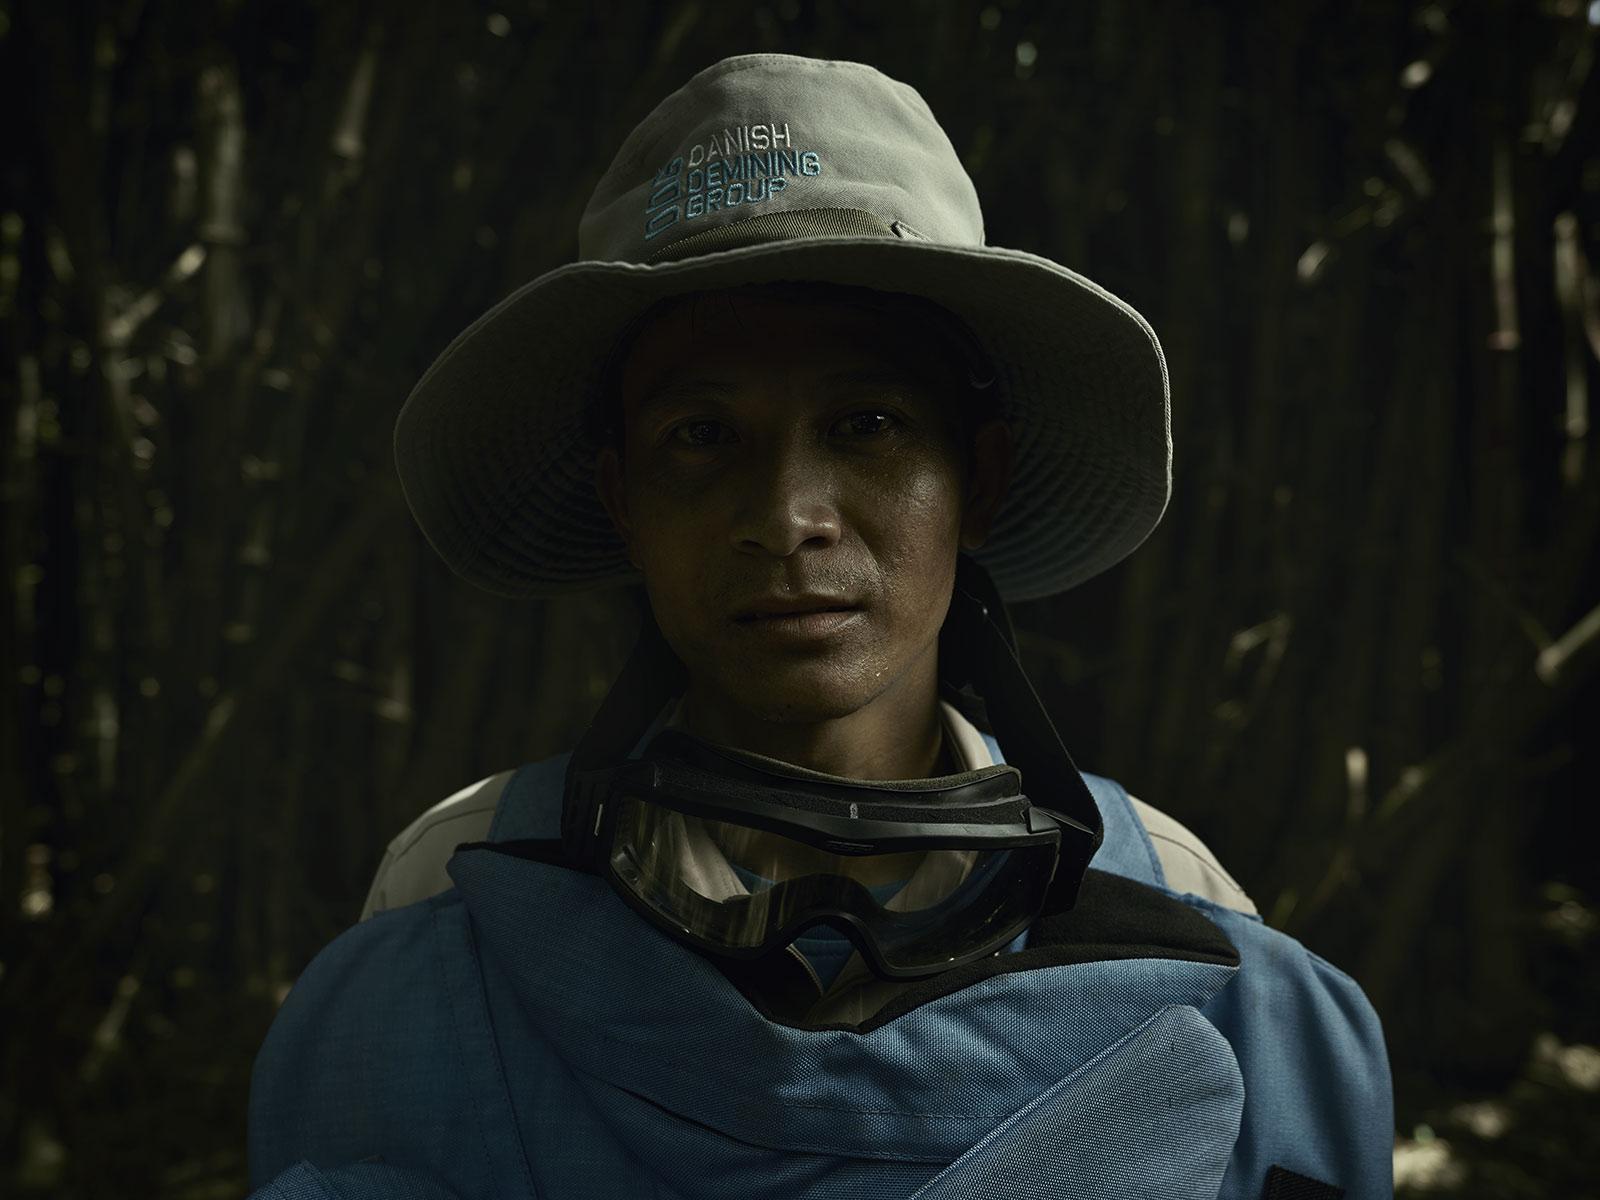 NguyenDuyKhanh